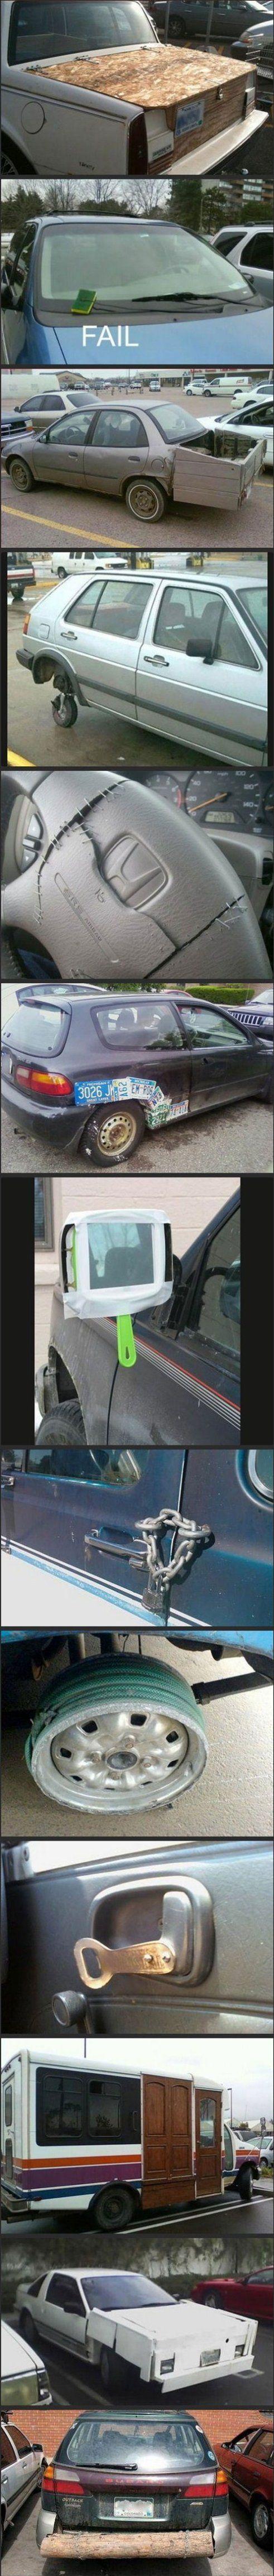 Kreative løsninger